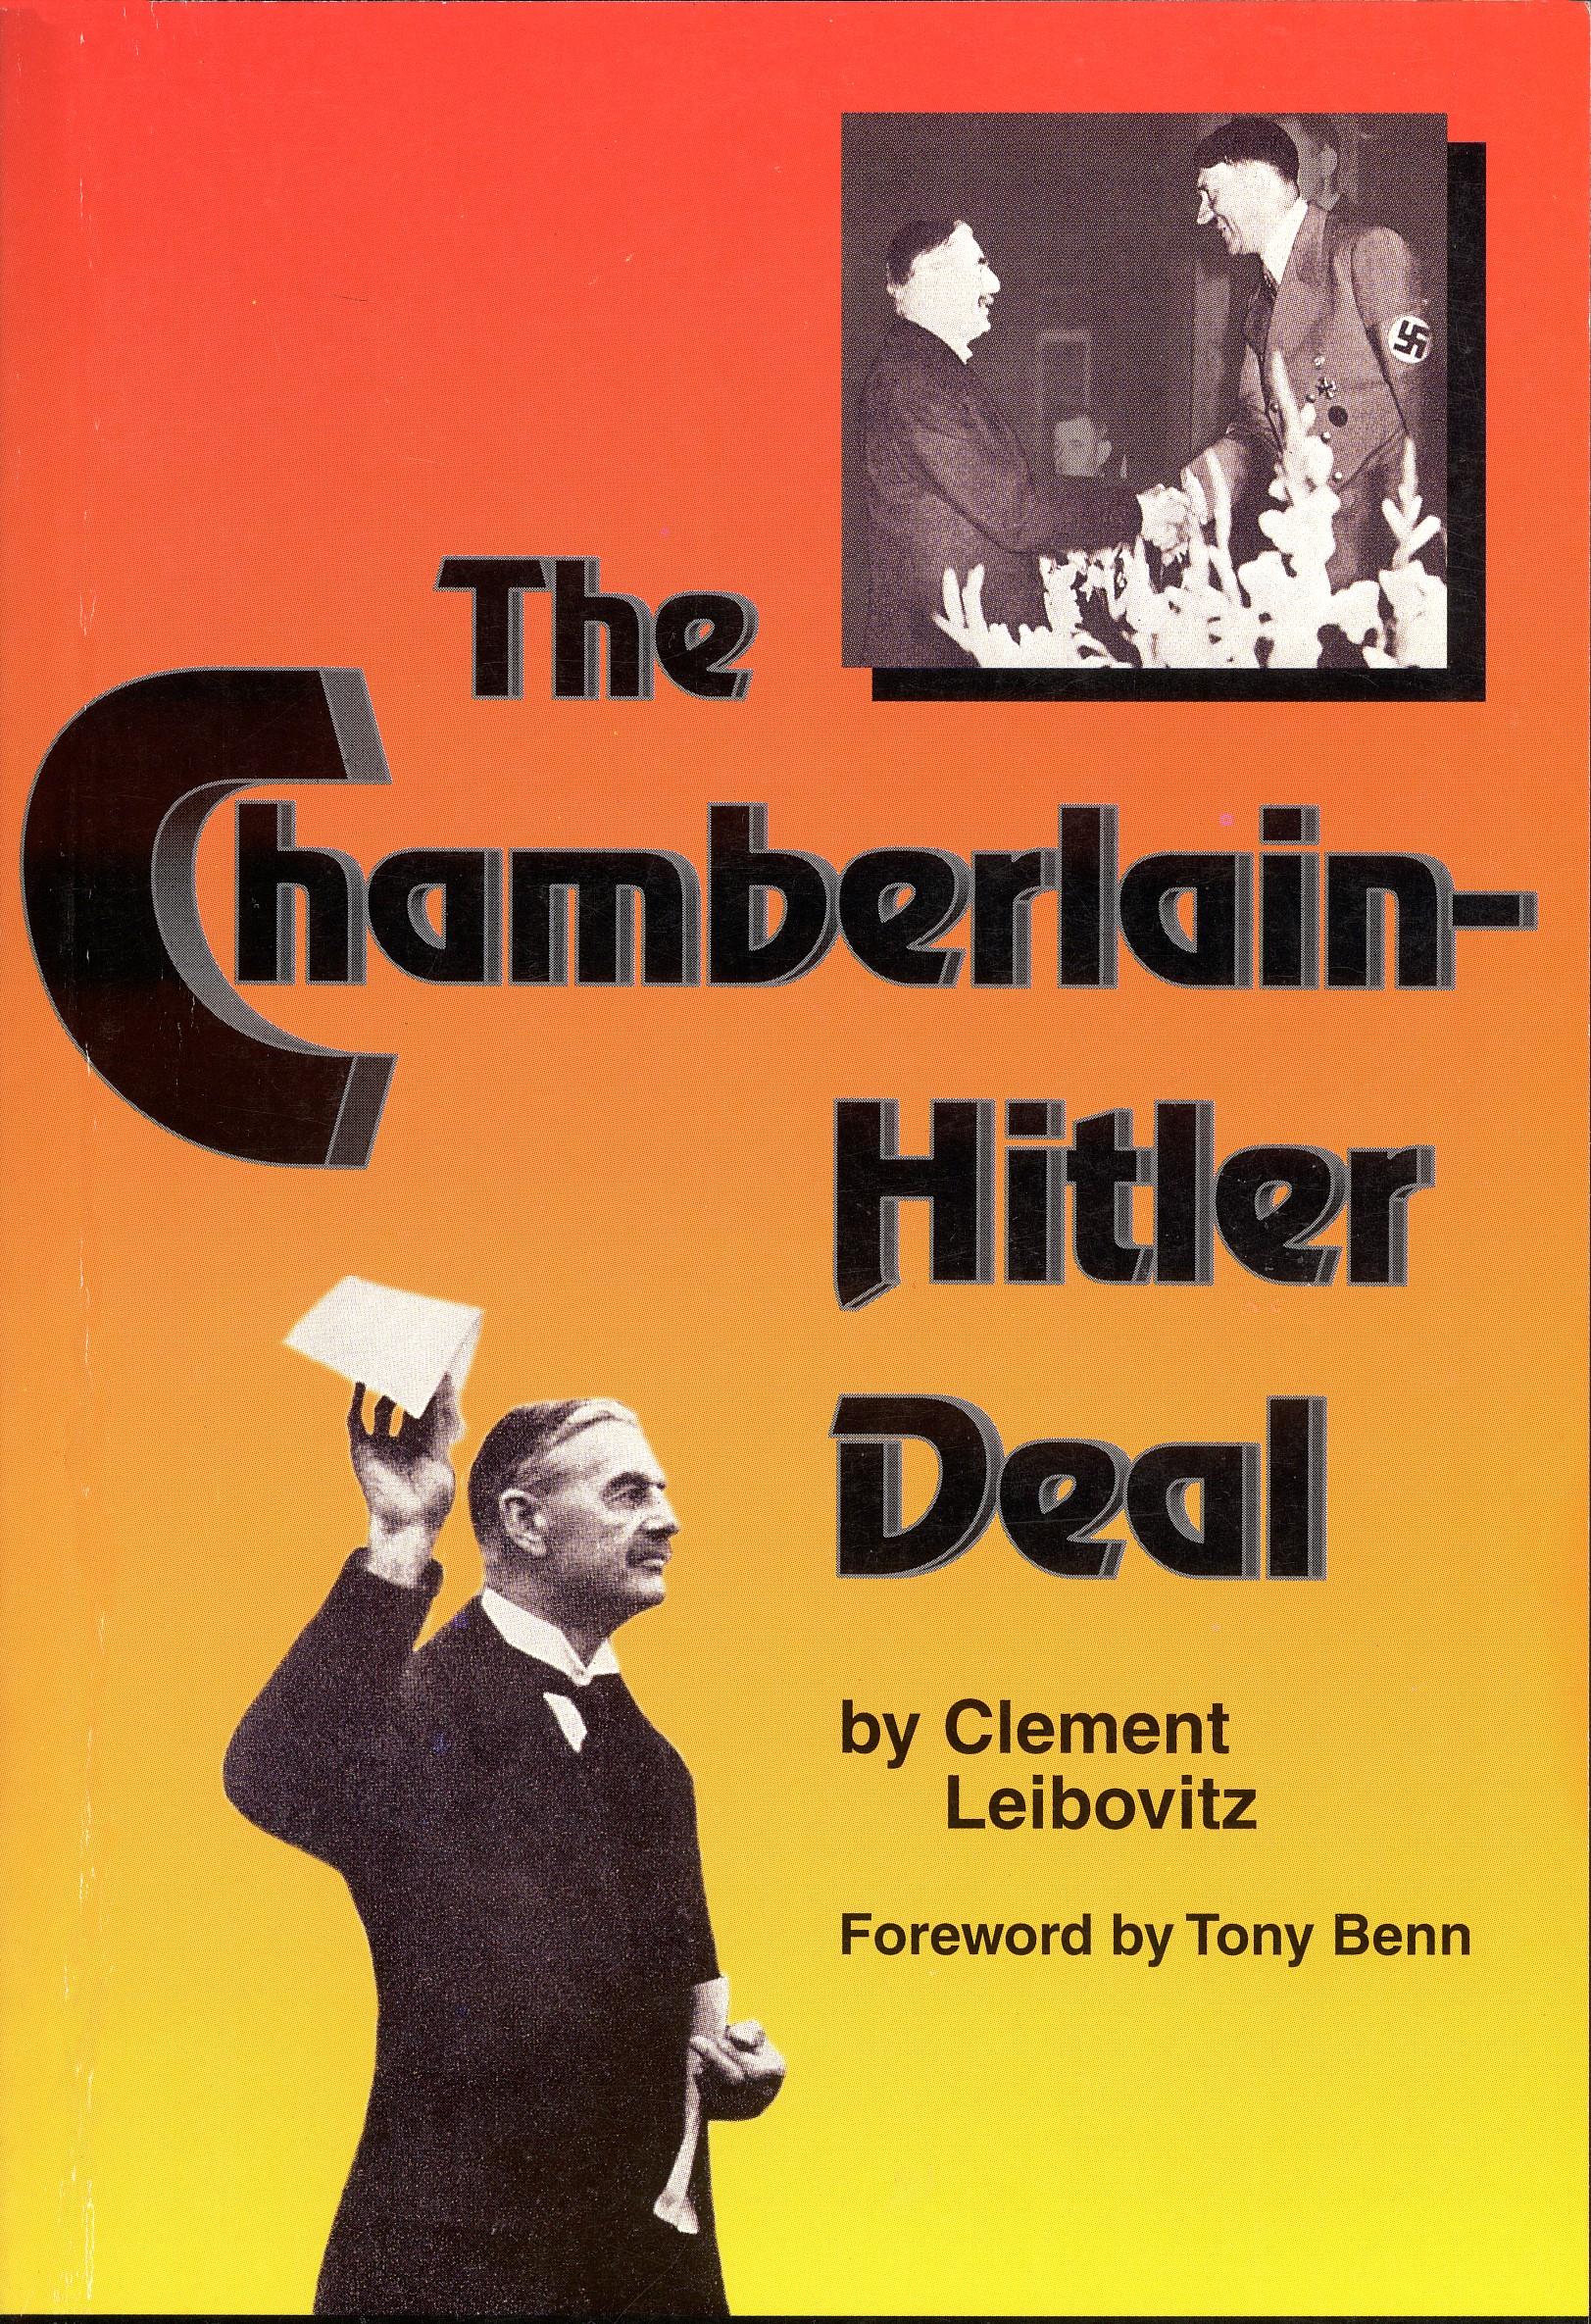 https://i0.wp.com/cleibovitz.upwize.com/images/Chamberlain-Hitler%20Deal%20(Front).jpg